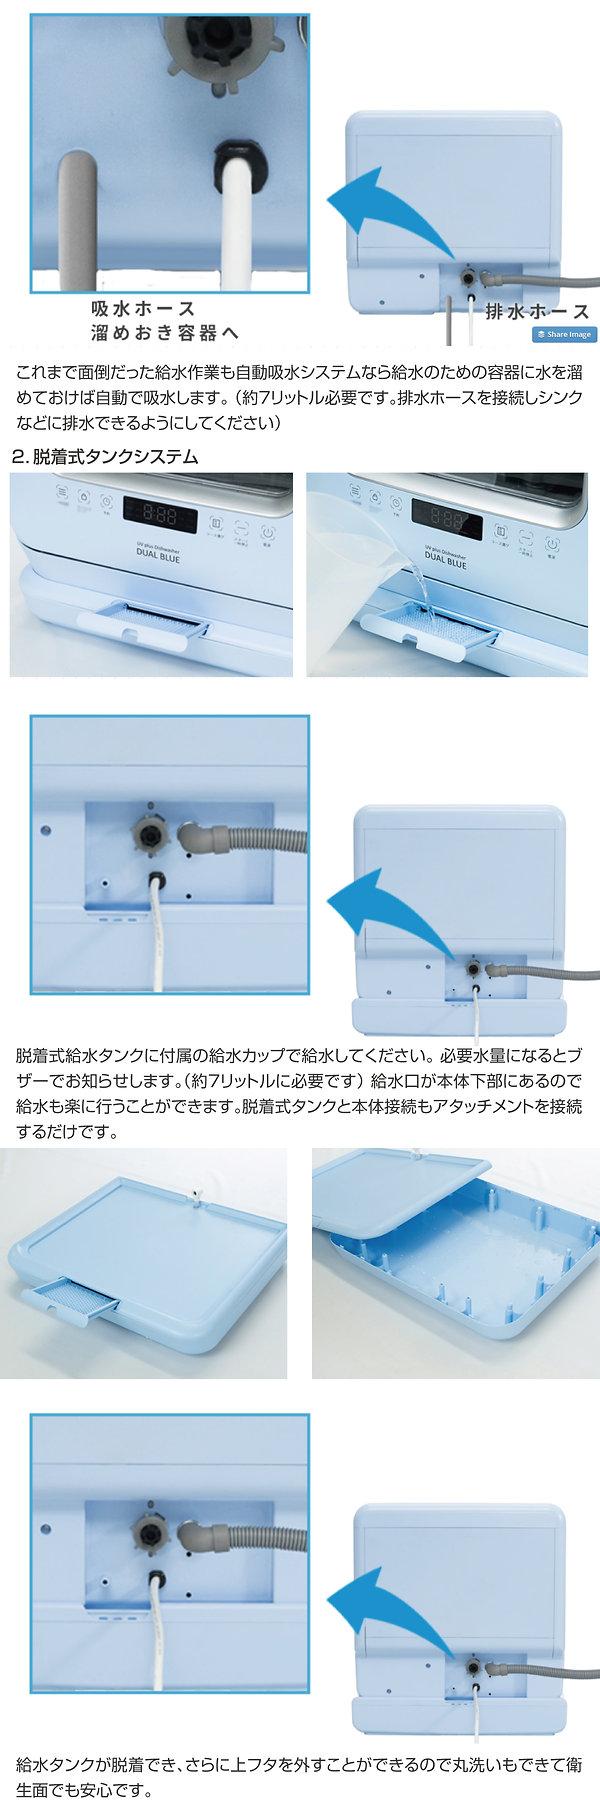 1021食洗器LP_2(1200px×3840px)2.jpg